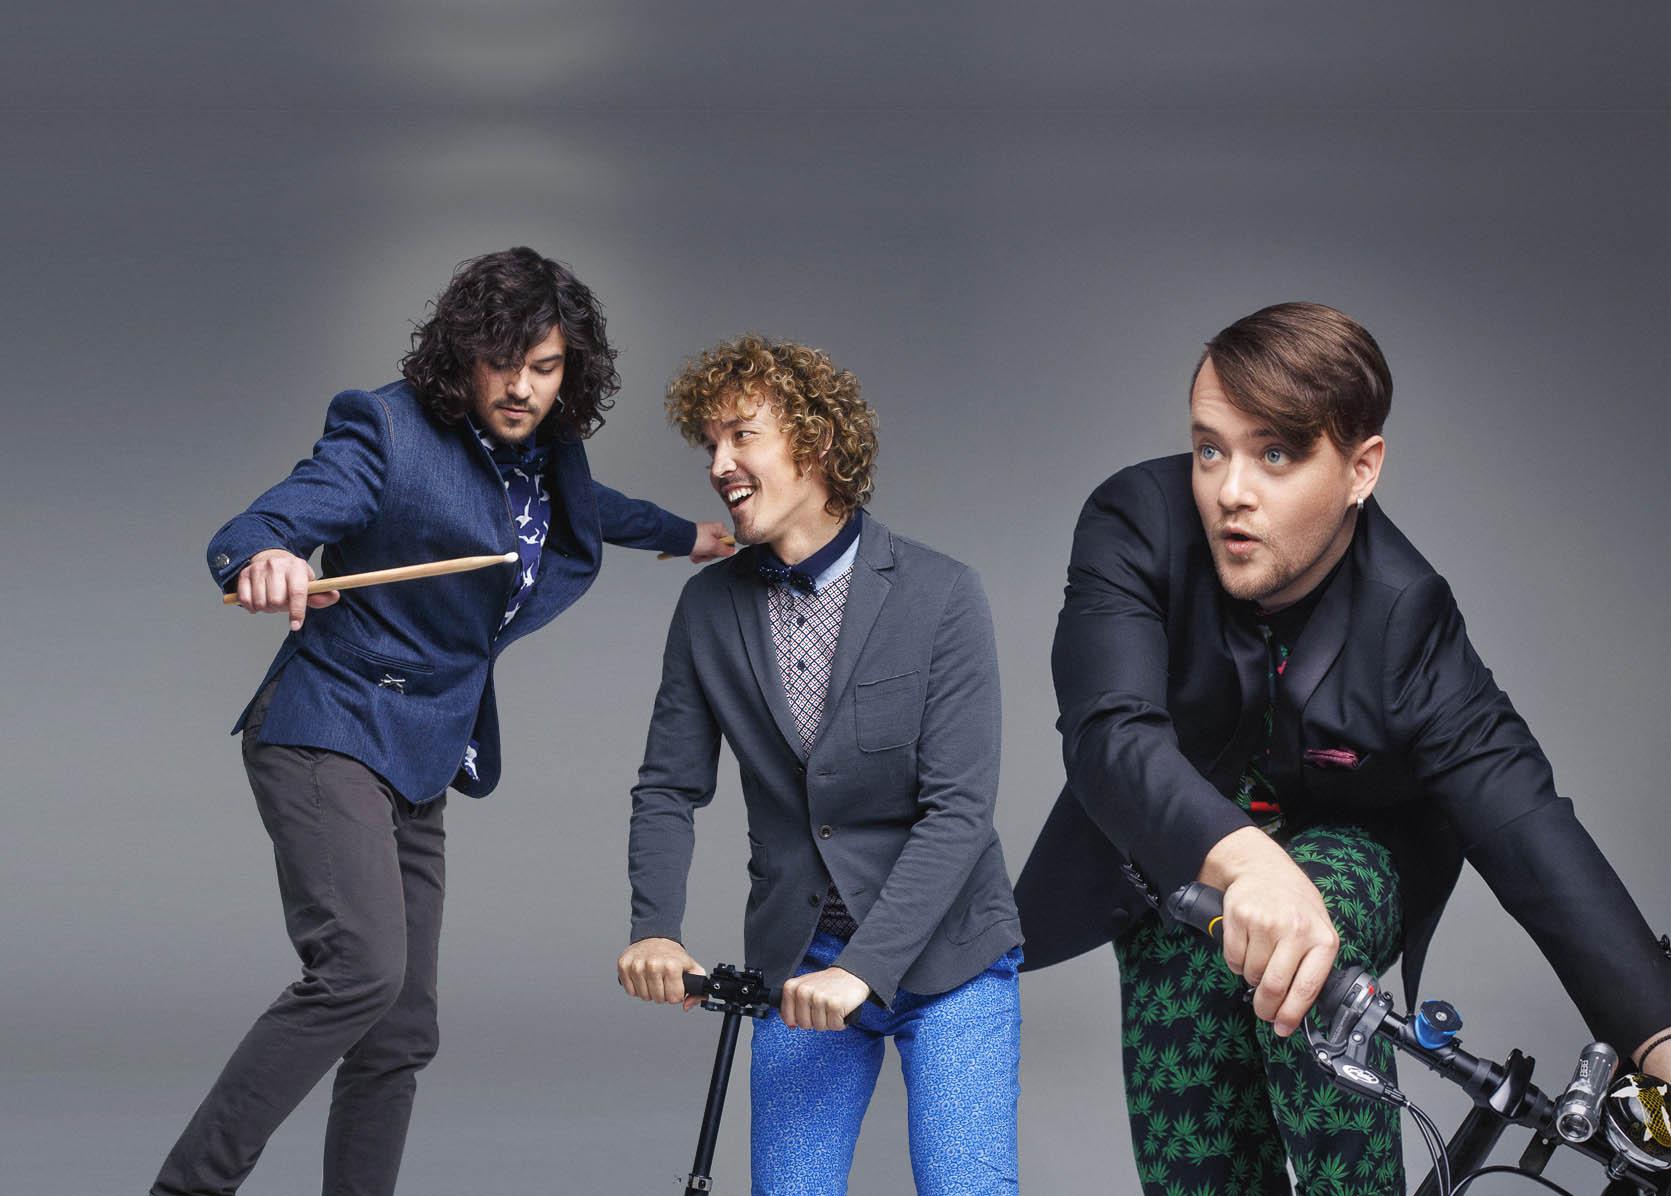 Трио джум бокс скачать музыку